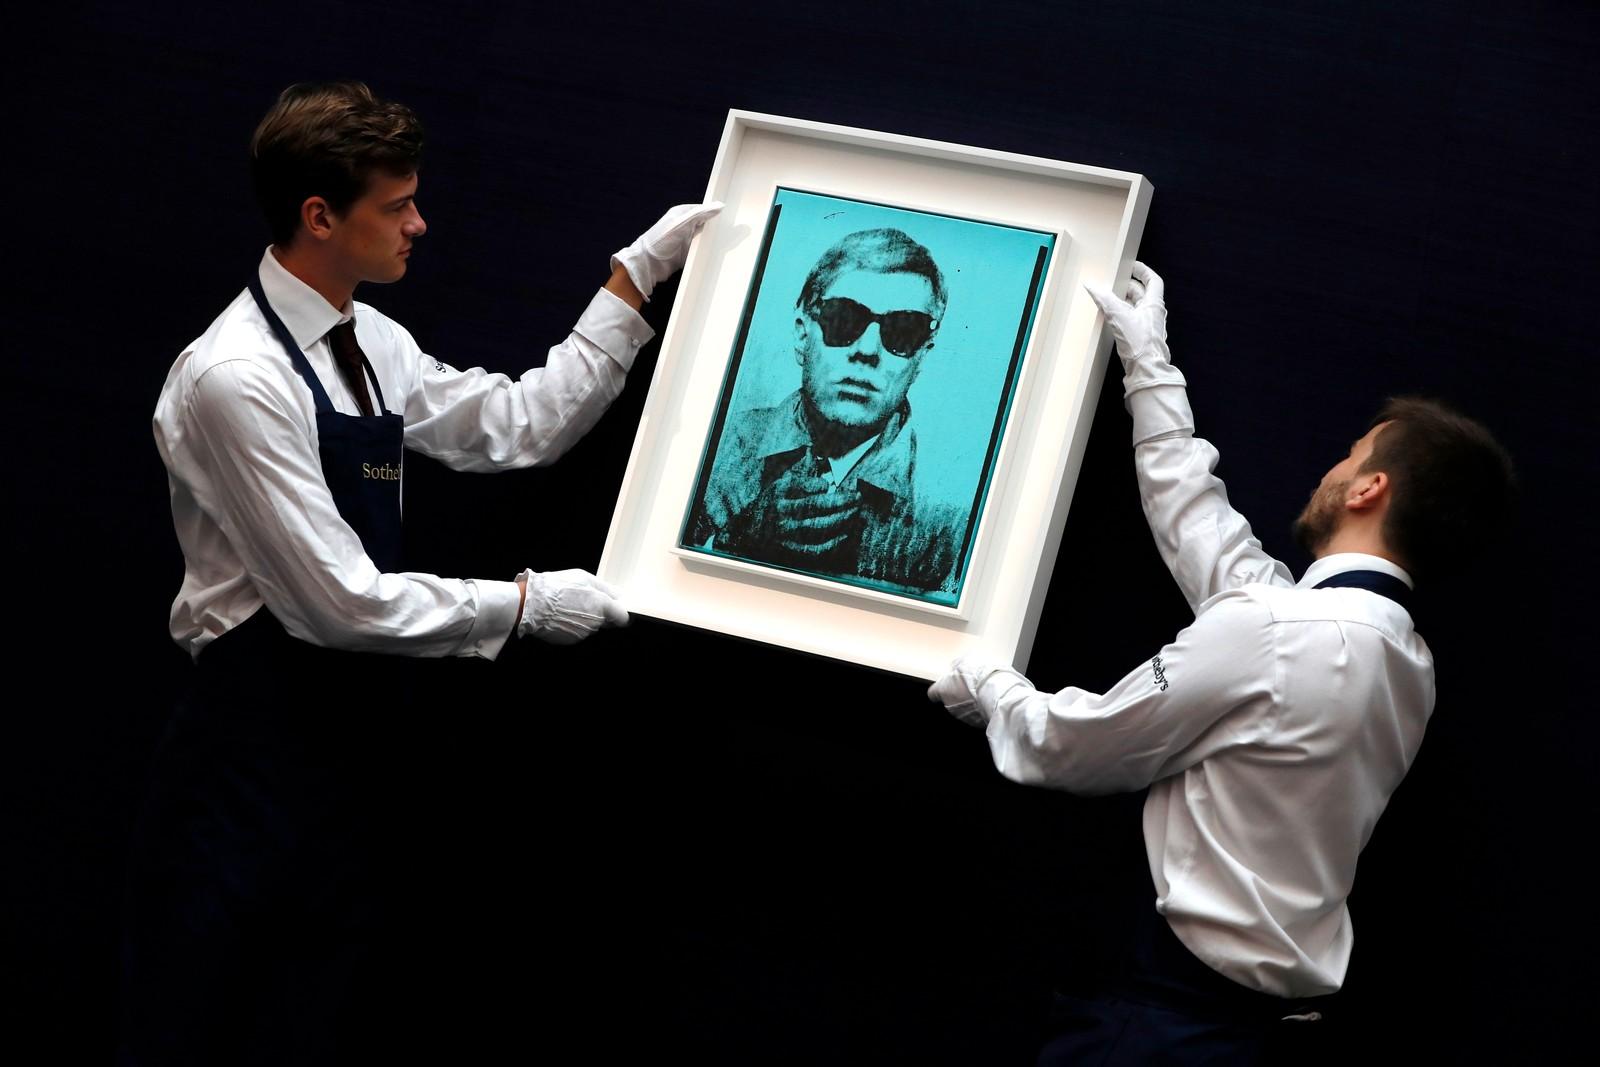 Et selvportrett av Andy Warhol skal auksjoneres bort på det berømte galleriet Sotheby. Det er antatt at prisen kan bli mellom 55 og 75 millioner kroner.